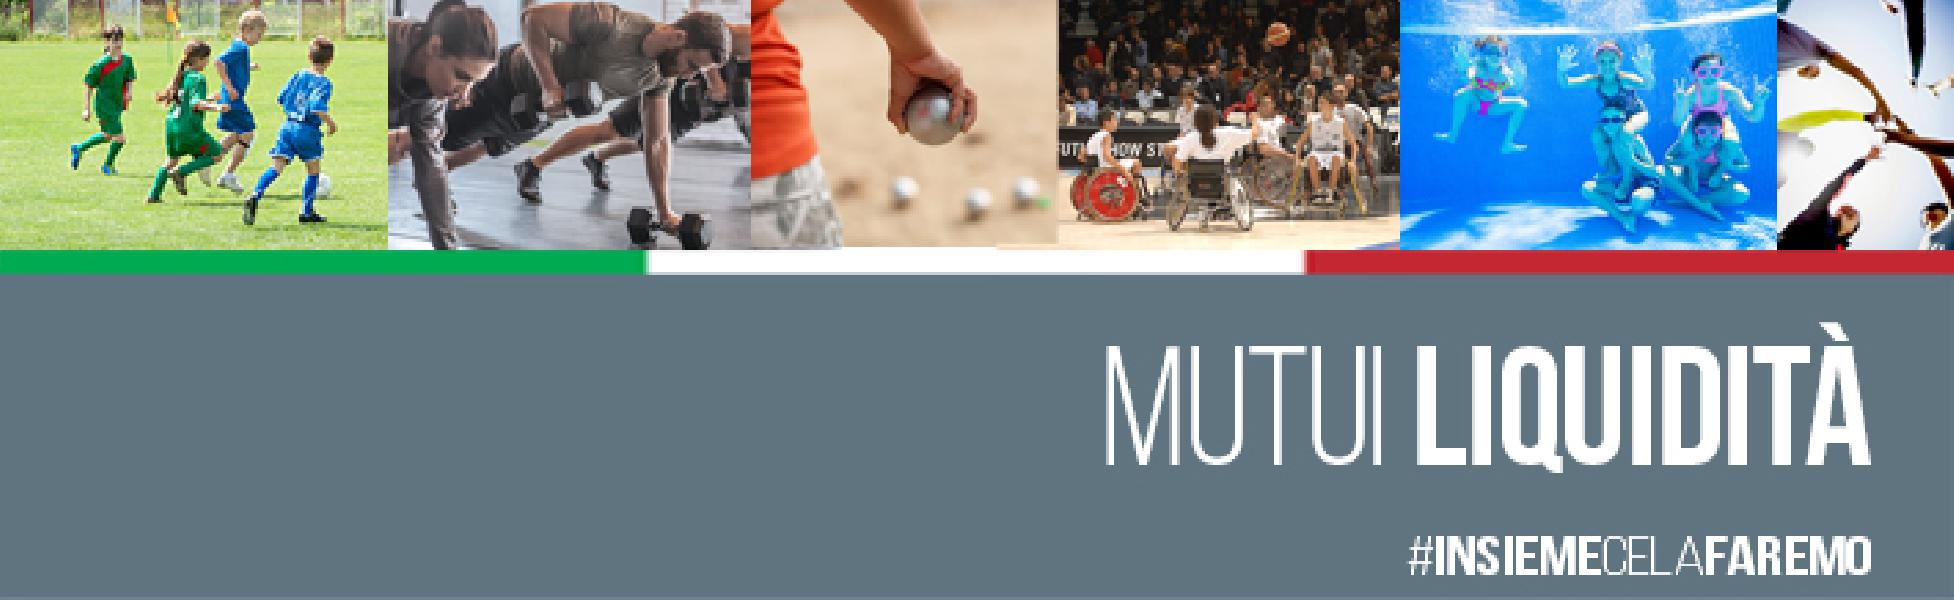 https://www.basketmarche.it/immagini_articoli/07-05-2020/istituto-credito-sportivo-prime-indicazioni-mutui-liquidit-favore-associazioni-societ-sportive-dilettantistiche-600.jpg